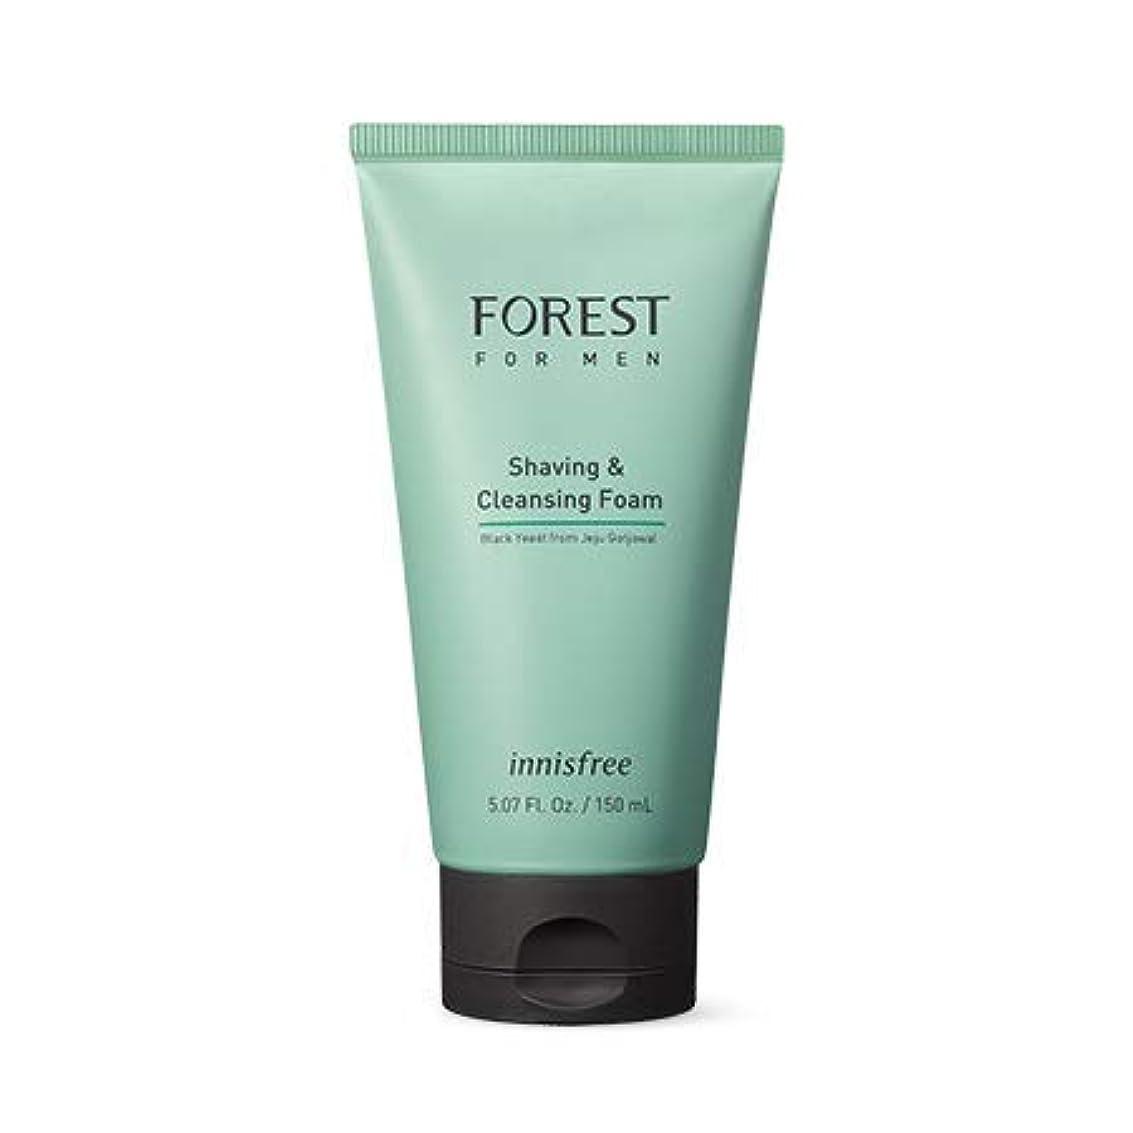 流少ない揃える[イニスフリー.innisfree]フォレストフォアマンシェービング&クレンジングフォーム150mL(2019.05新製品)/ Forest for Men Shaving&Cleansing Foam